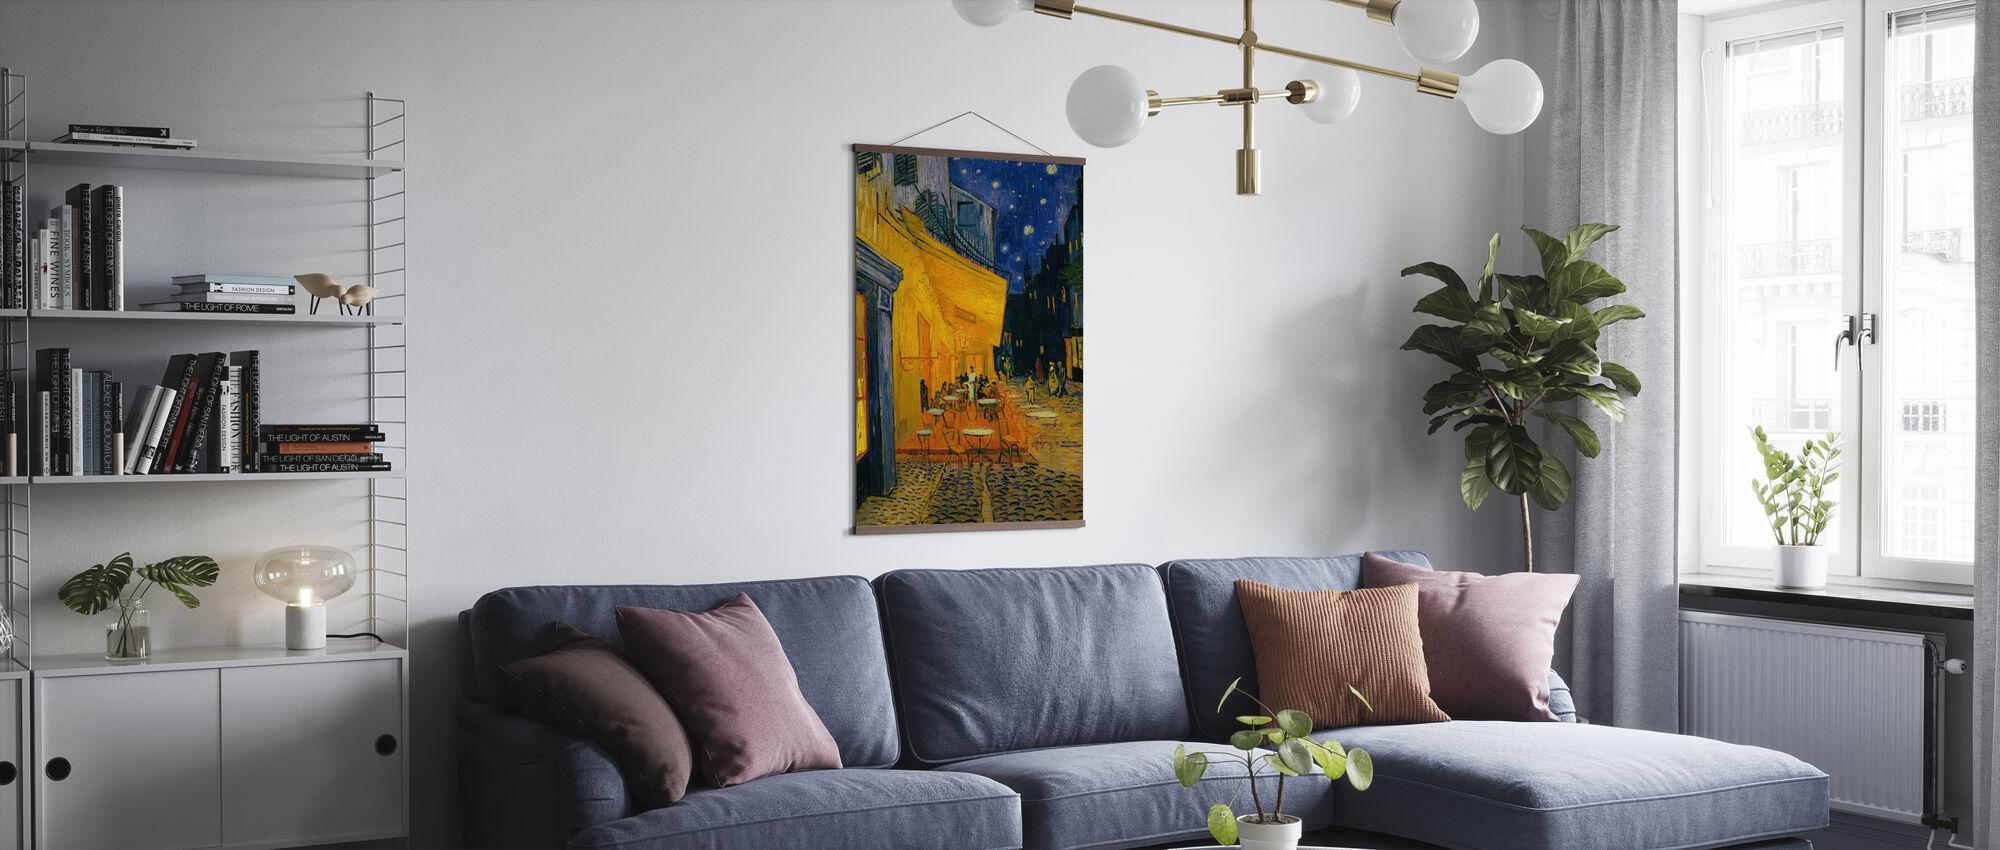 Kafé terrasse - Vincent van Gogh - Plakat - Stue